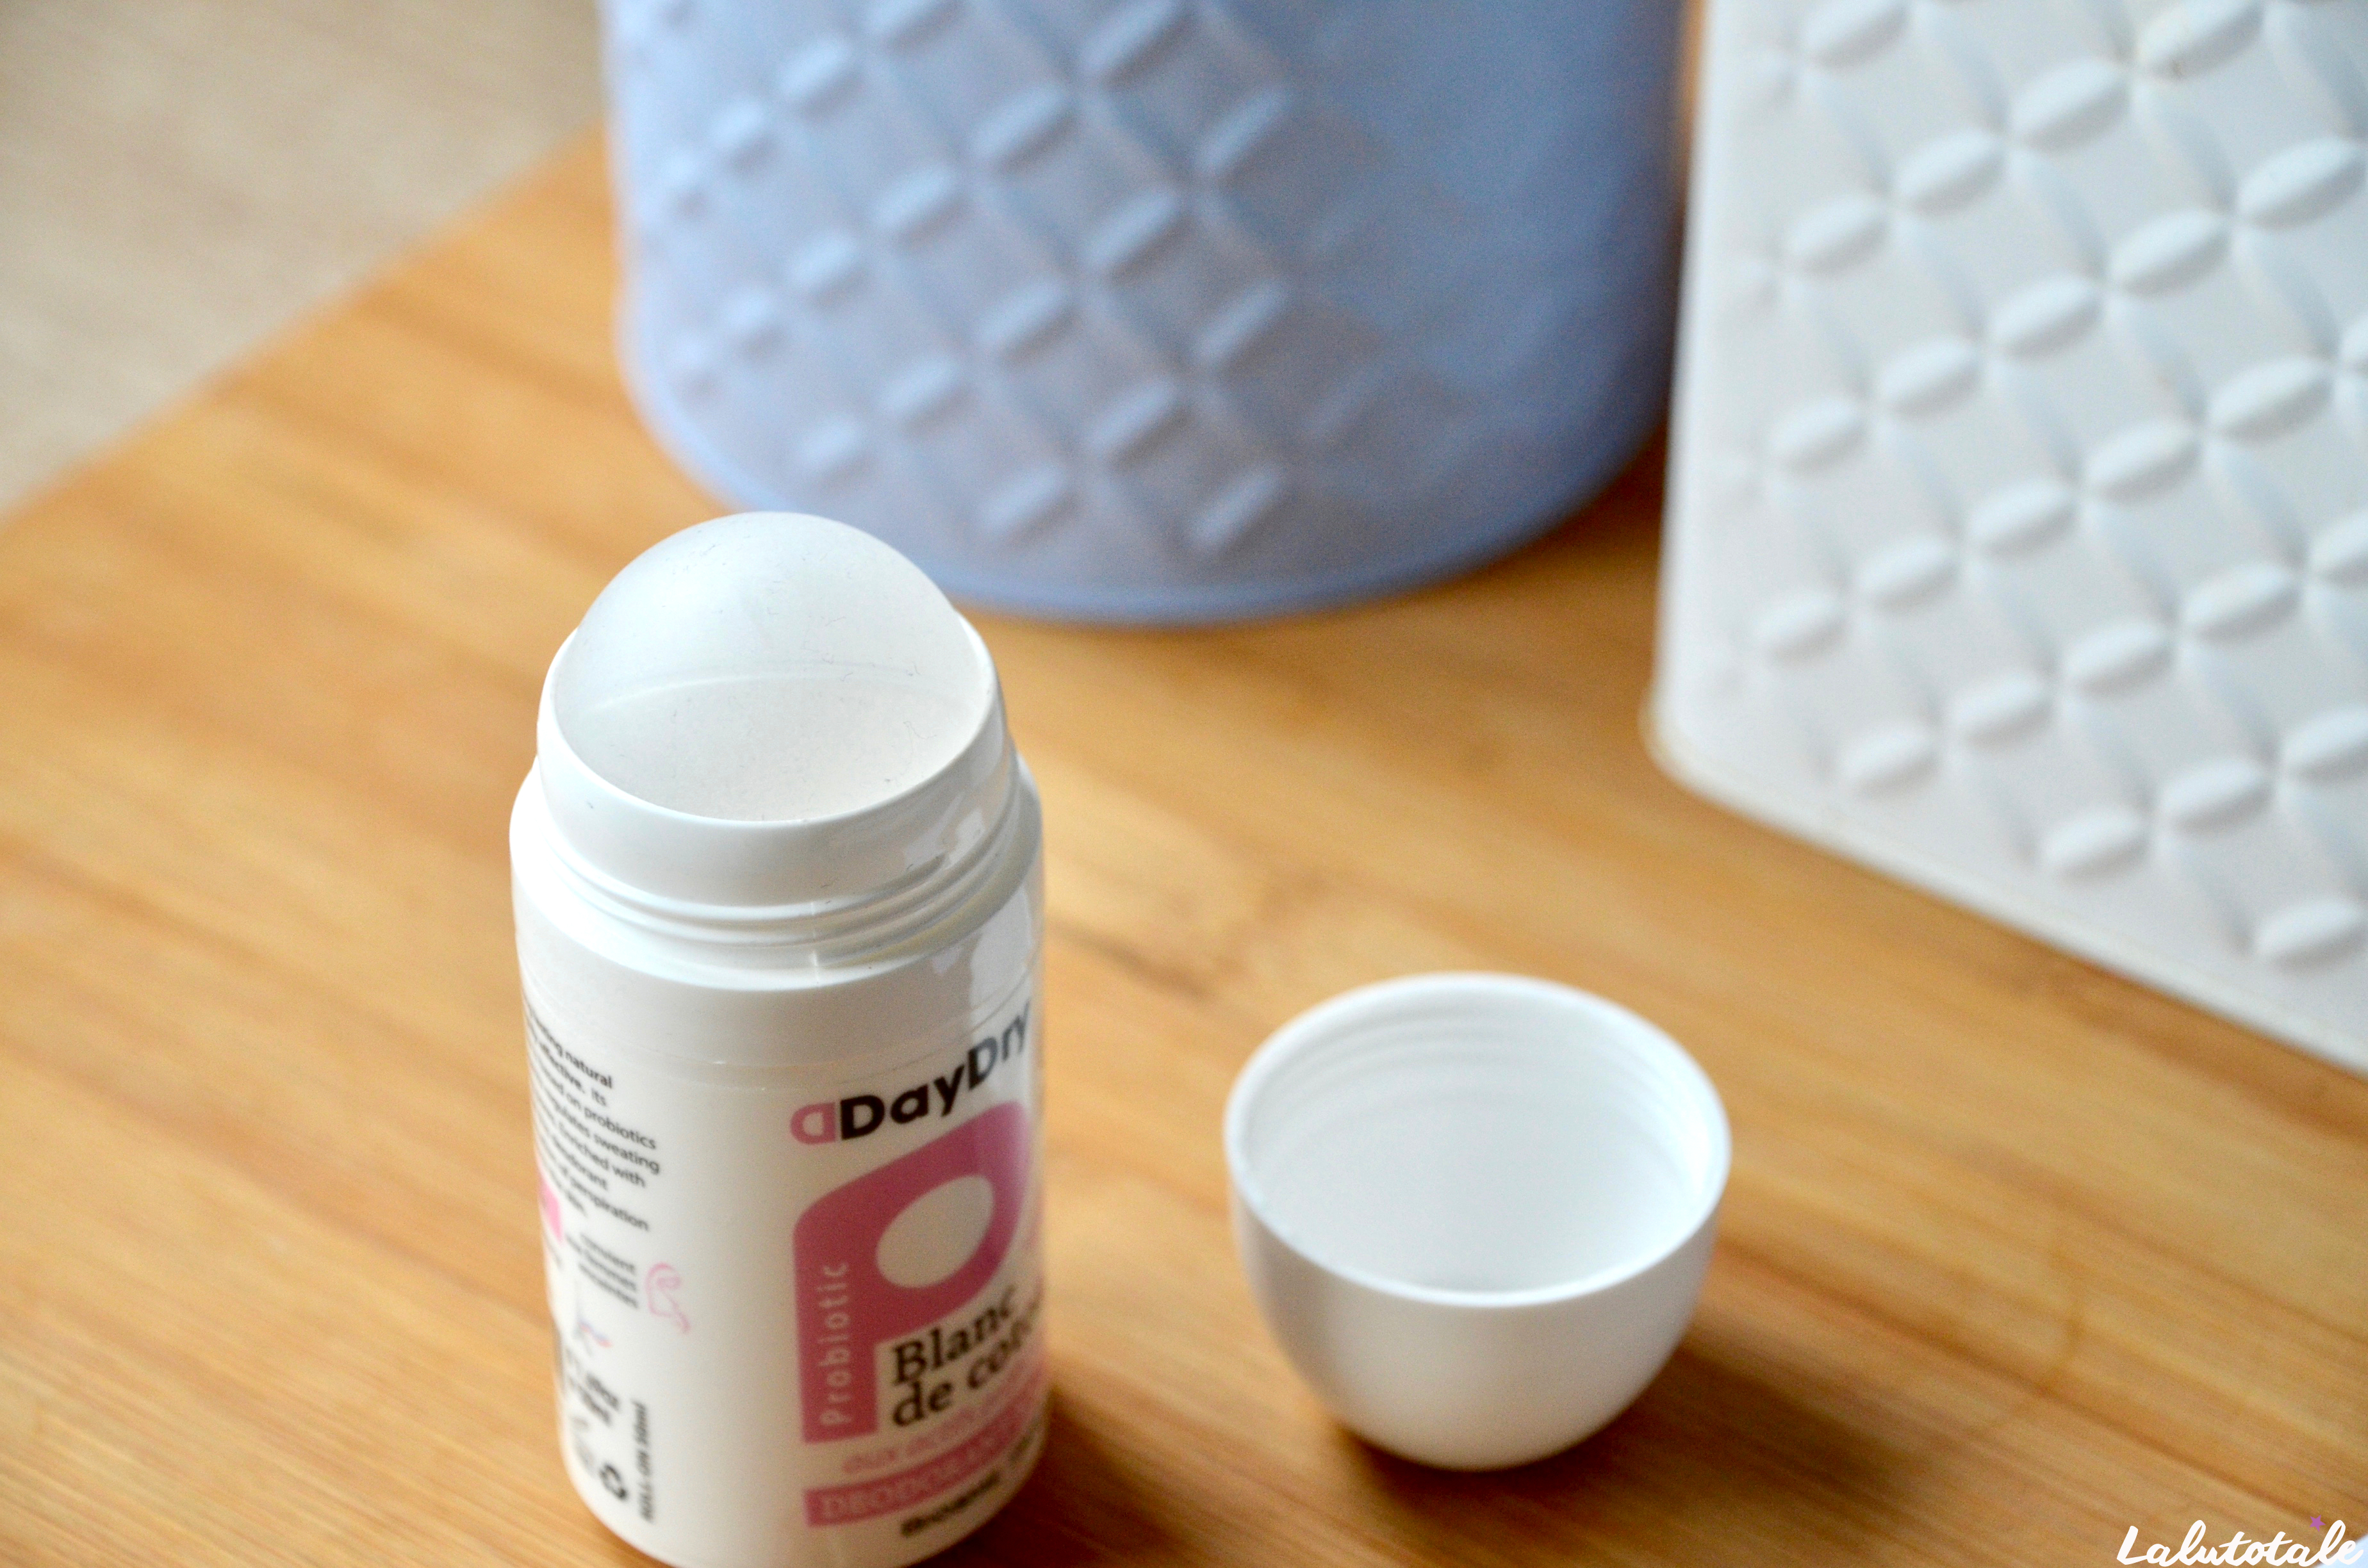 ( DAYDRY ) Un déo aux probiotiques qui touche sa bille ? Un miracle !